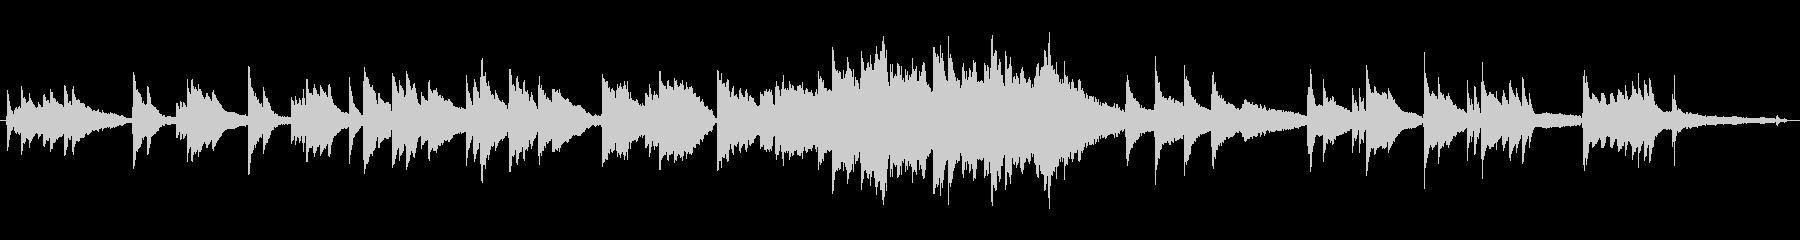 ピアノとオーケストラの感動的な曲の未再生の波形